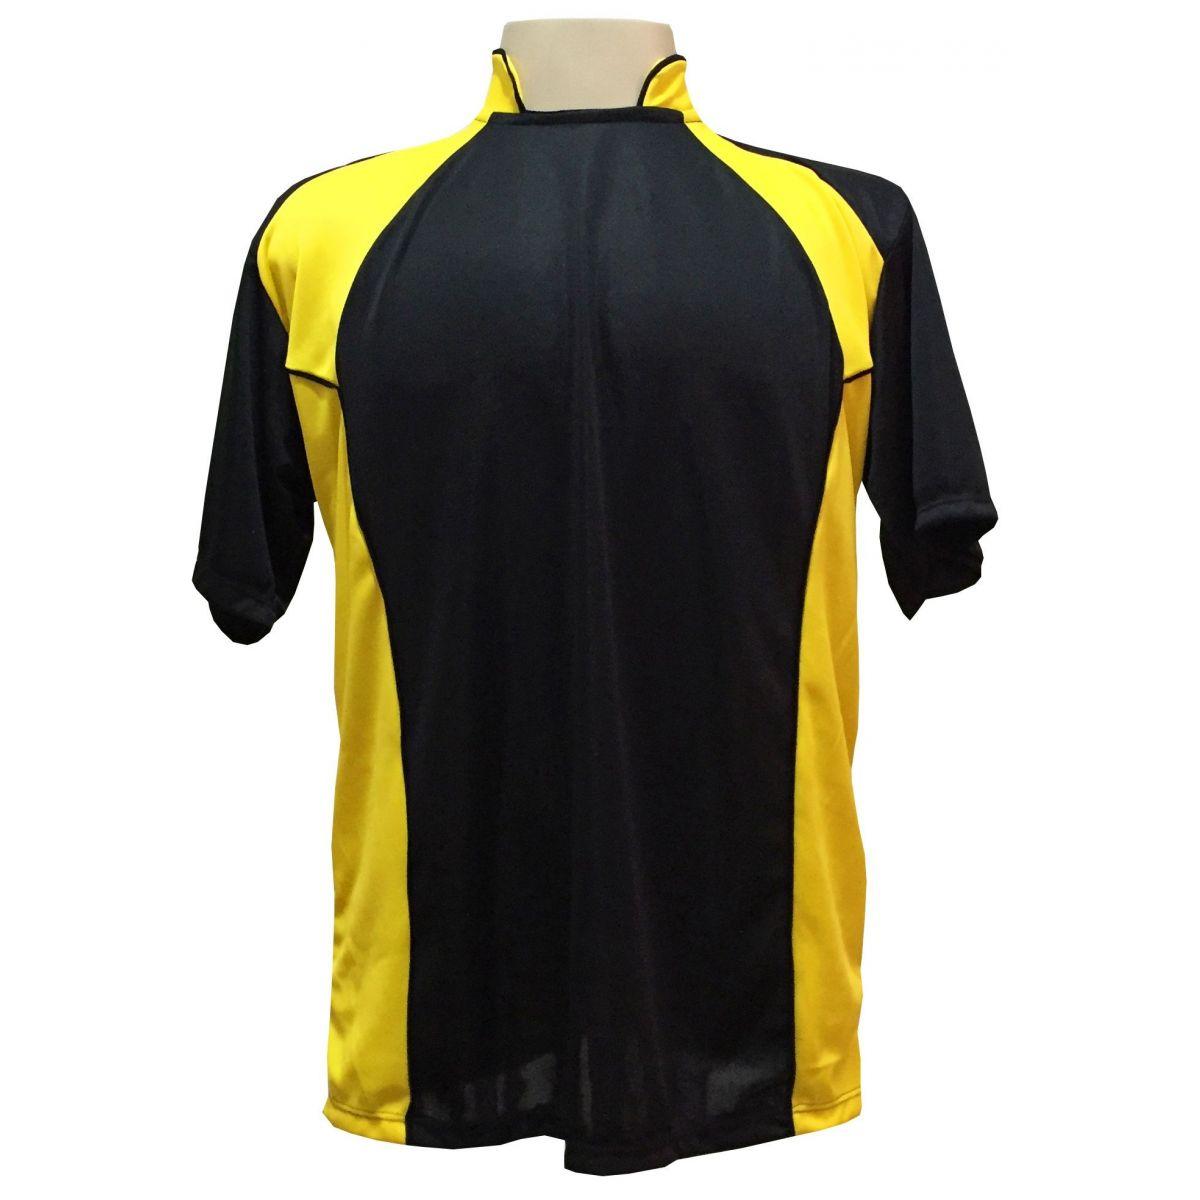 Uniforme Esportivo com 14 camisas modelo Suécia Preto/Amarelo + 14 calções modelo Copa Preto/Amarelo + Brindes